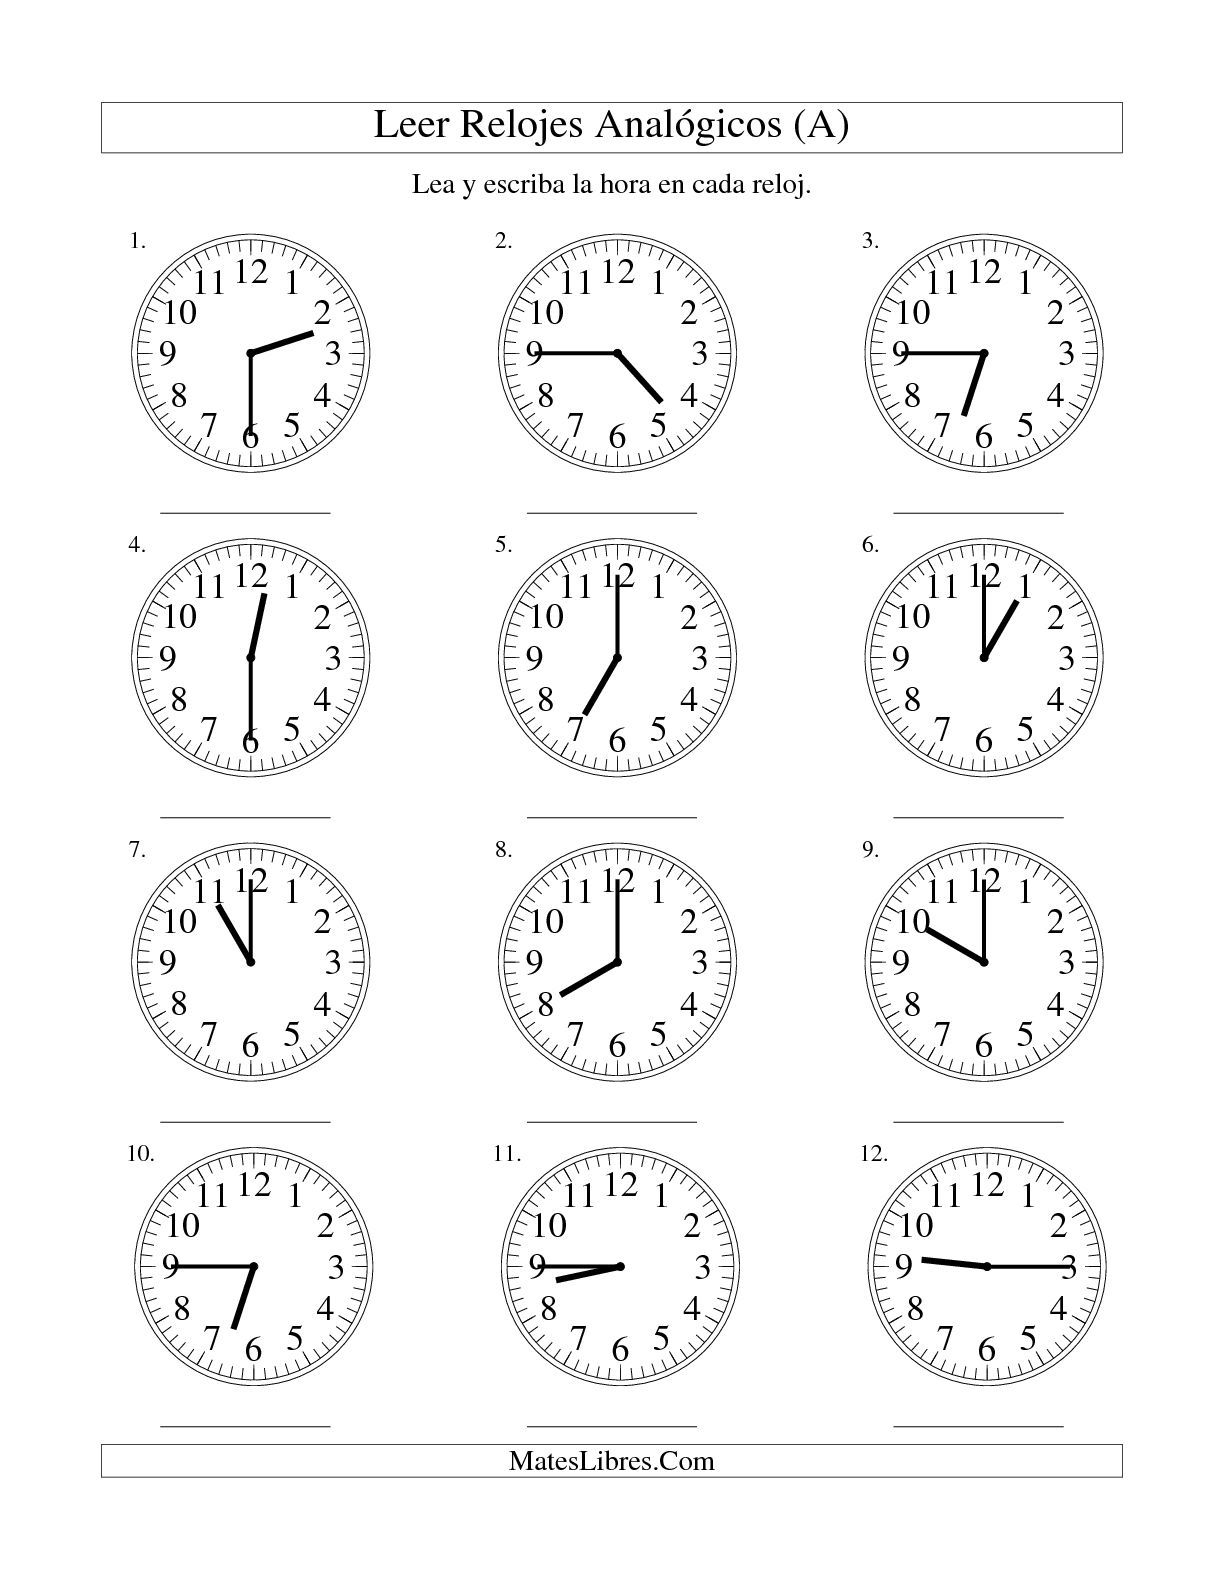 La Leer La Hora En Un Relojogico En Intervalos De 15 Minutos A